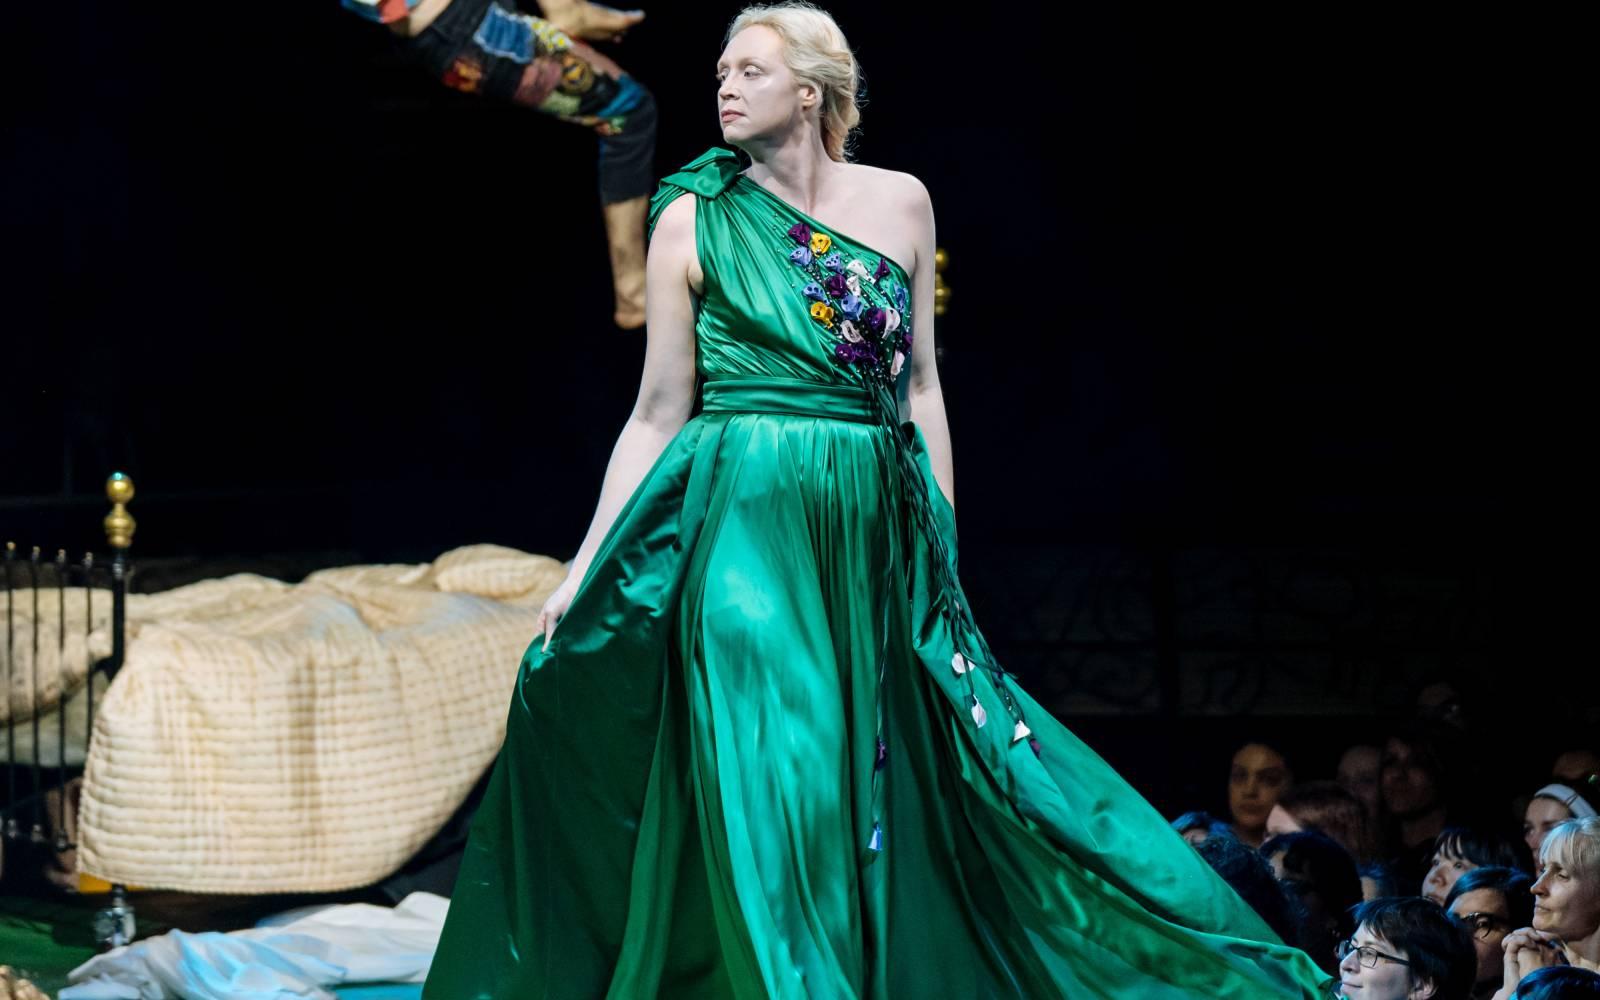 Gwendoline Christie (Hippolyta) strides forward, her emerald green dress billowing behind her